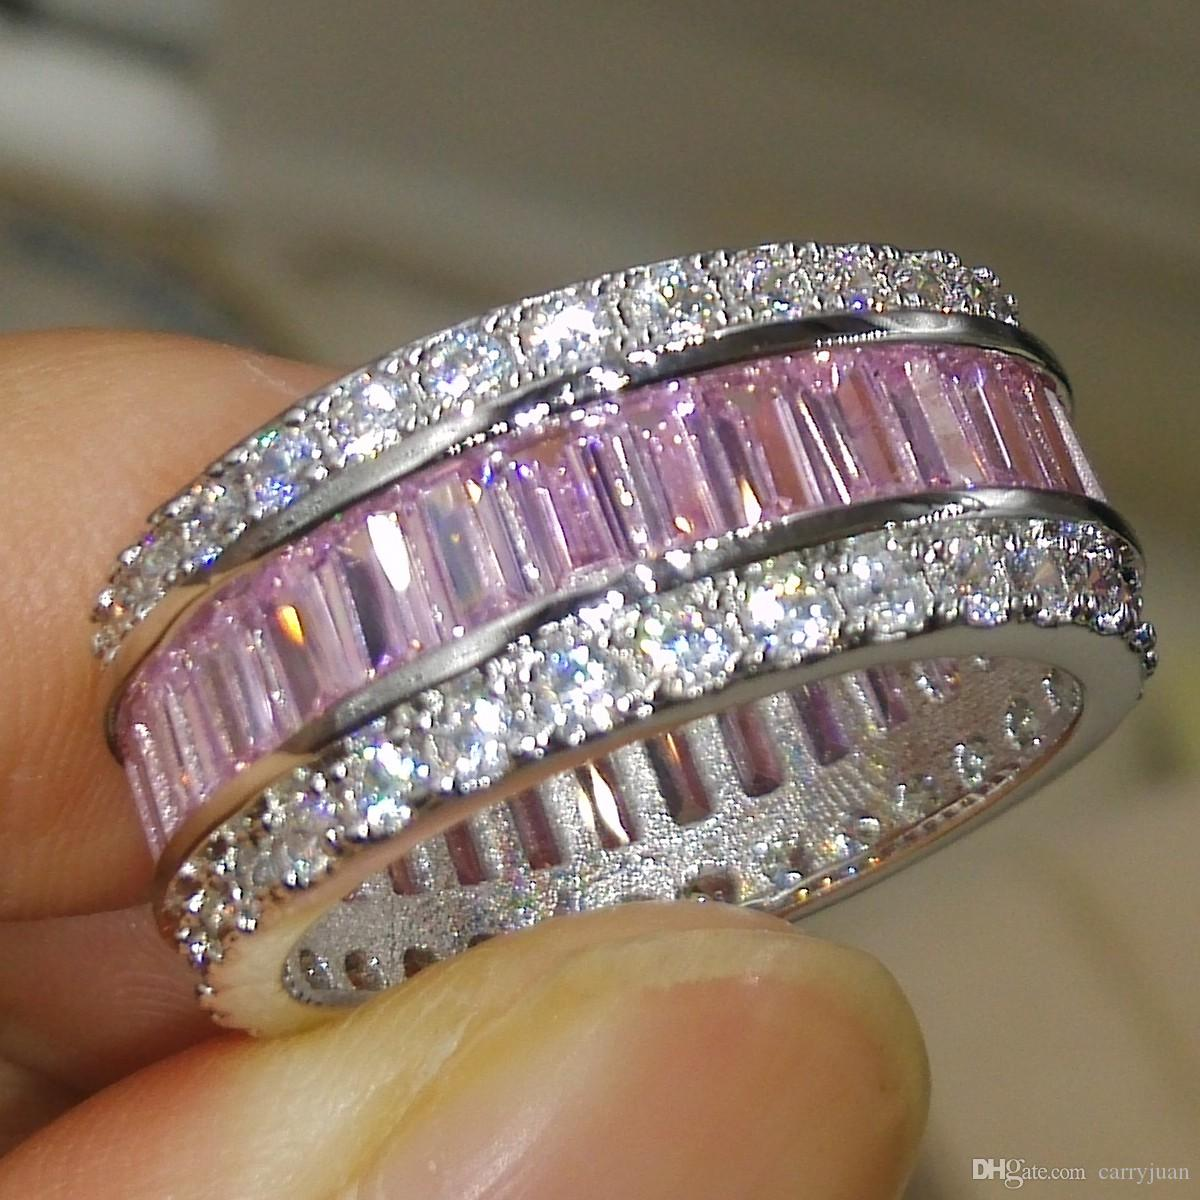 Виктория Вик сексуальное новое прибытие роскошные ювелирные изделия 10kt белого золота заполнены Принцесса розовый сапфир CZ Алмаз драгоценных камней женщины обручальное кольцо